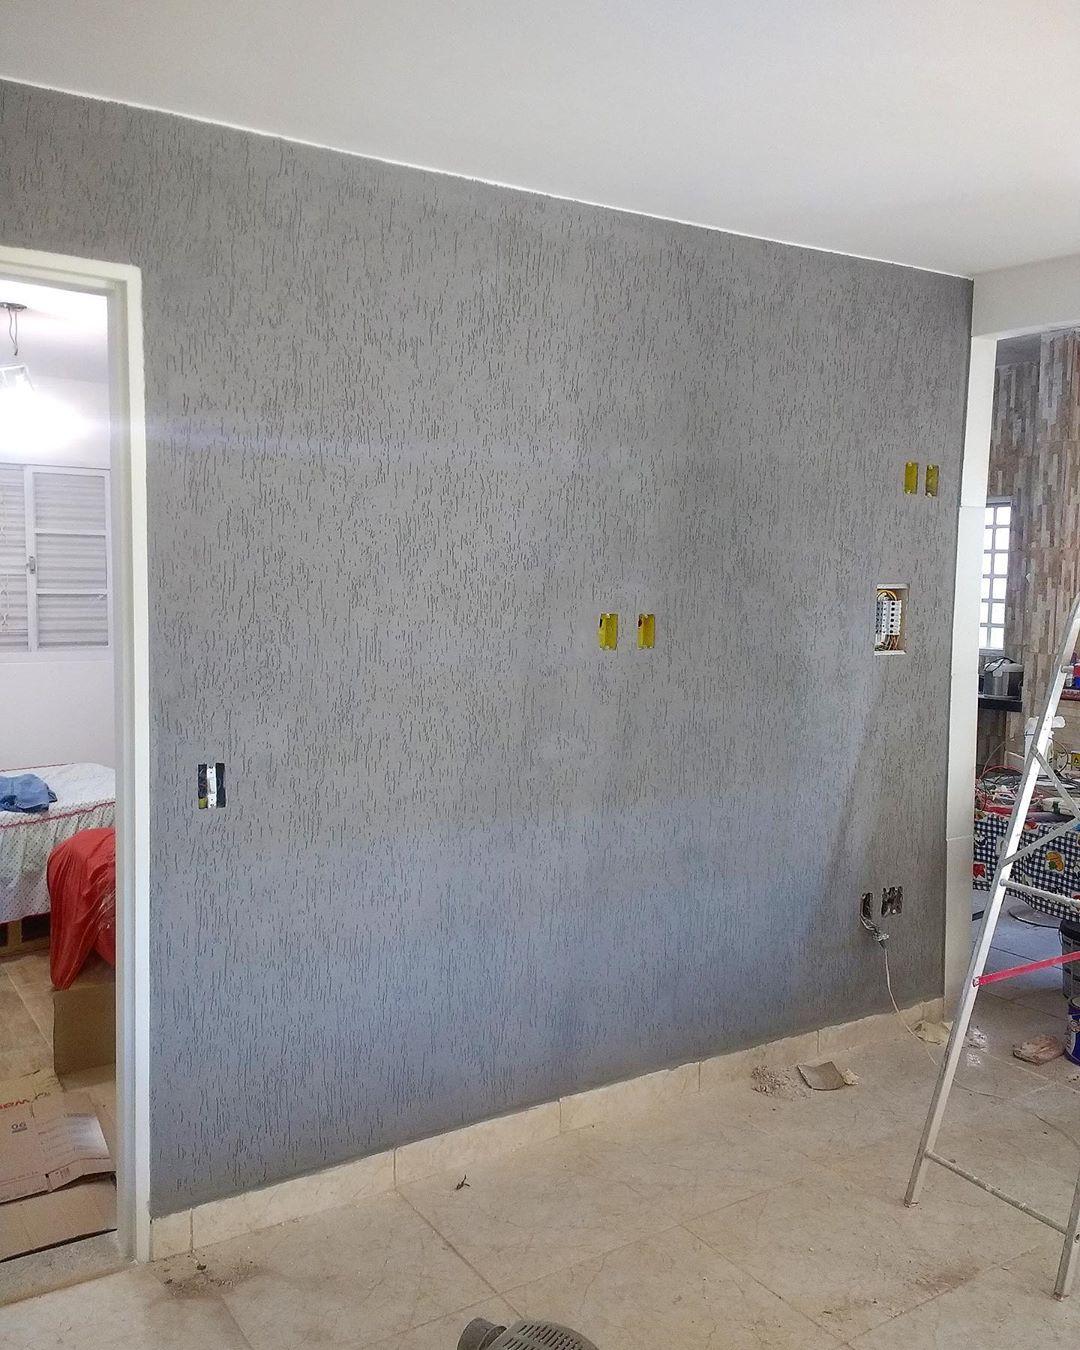 grafiato-parede[